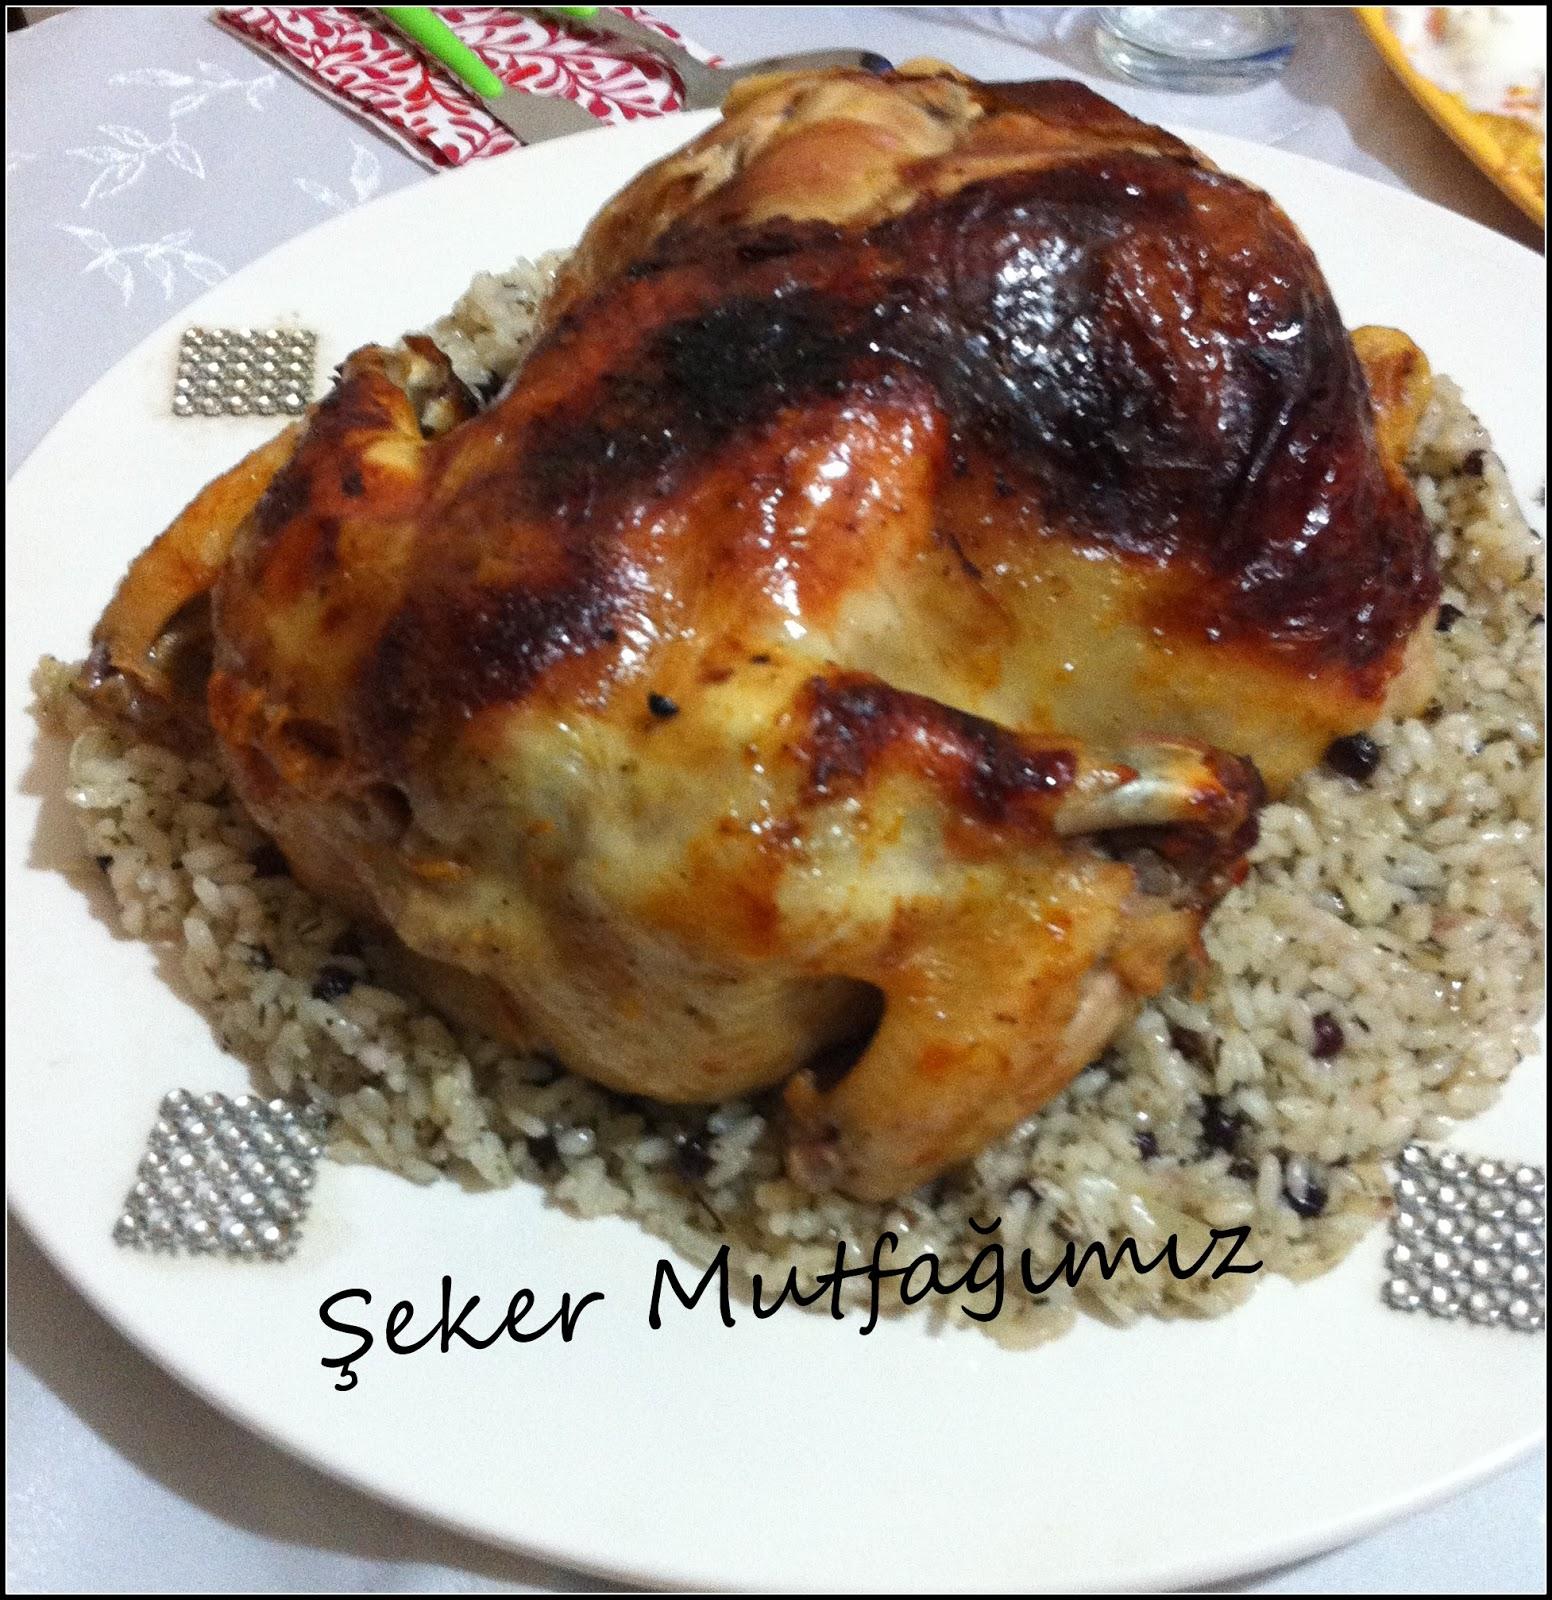 Kırmızı biberli ve iç pilavlı tavuk sarma